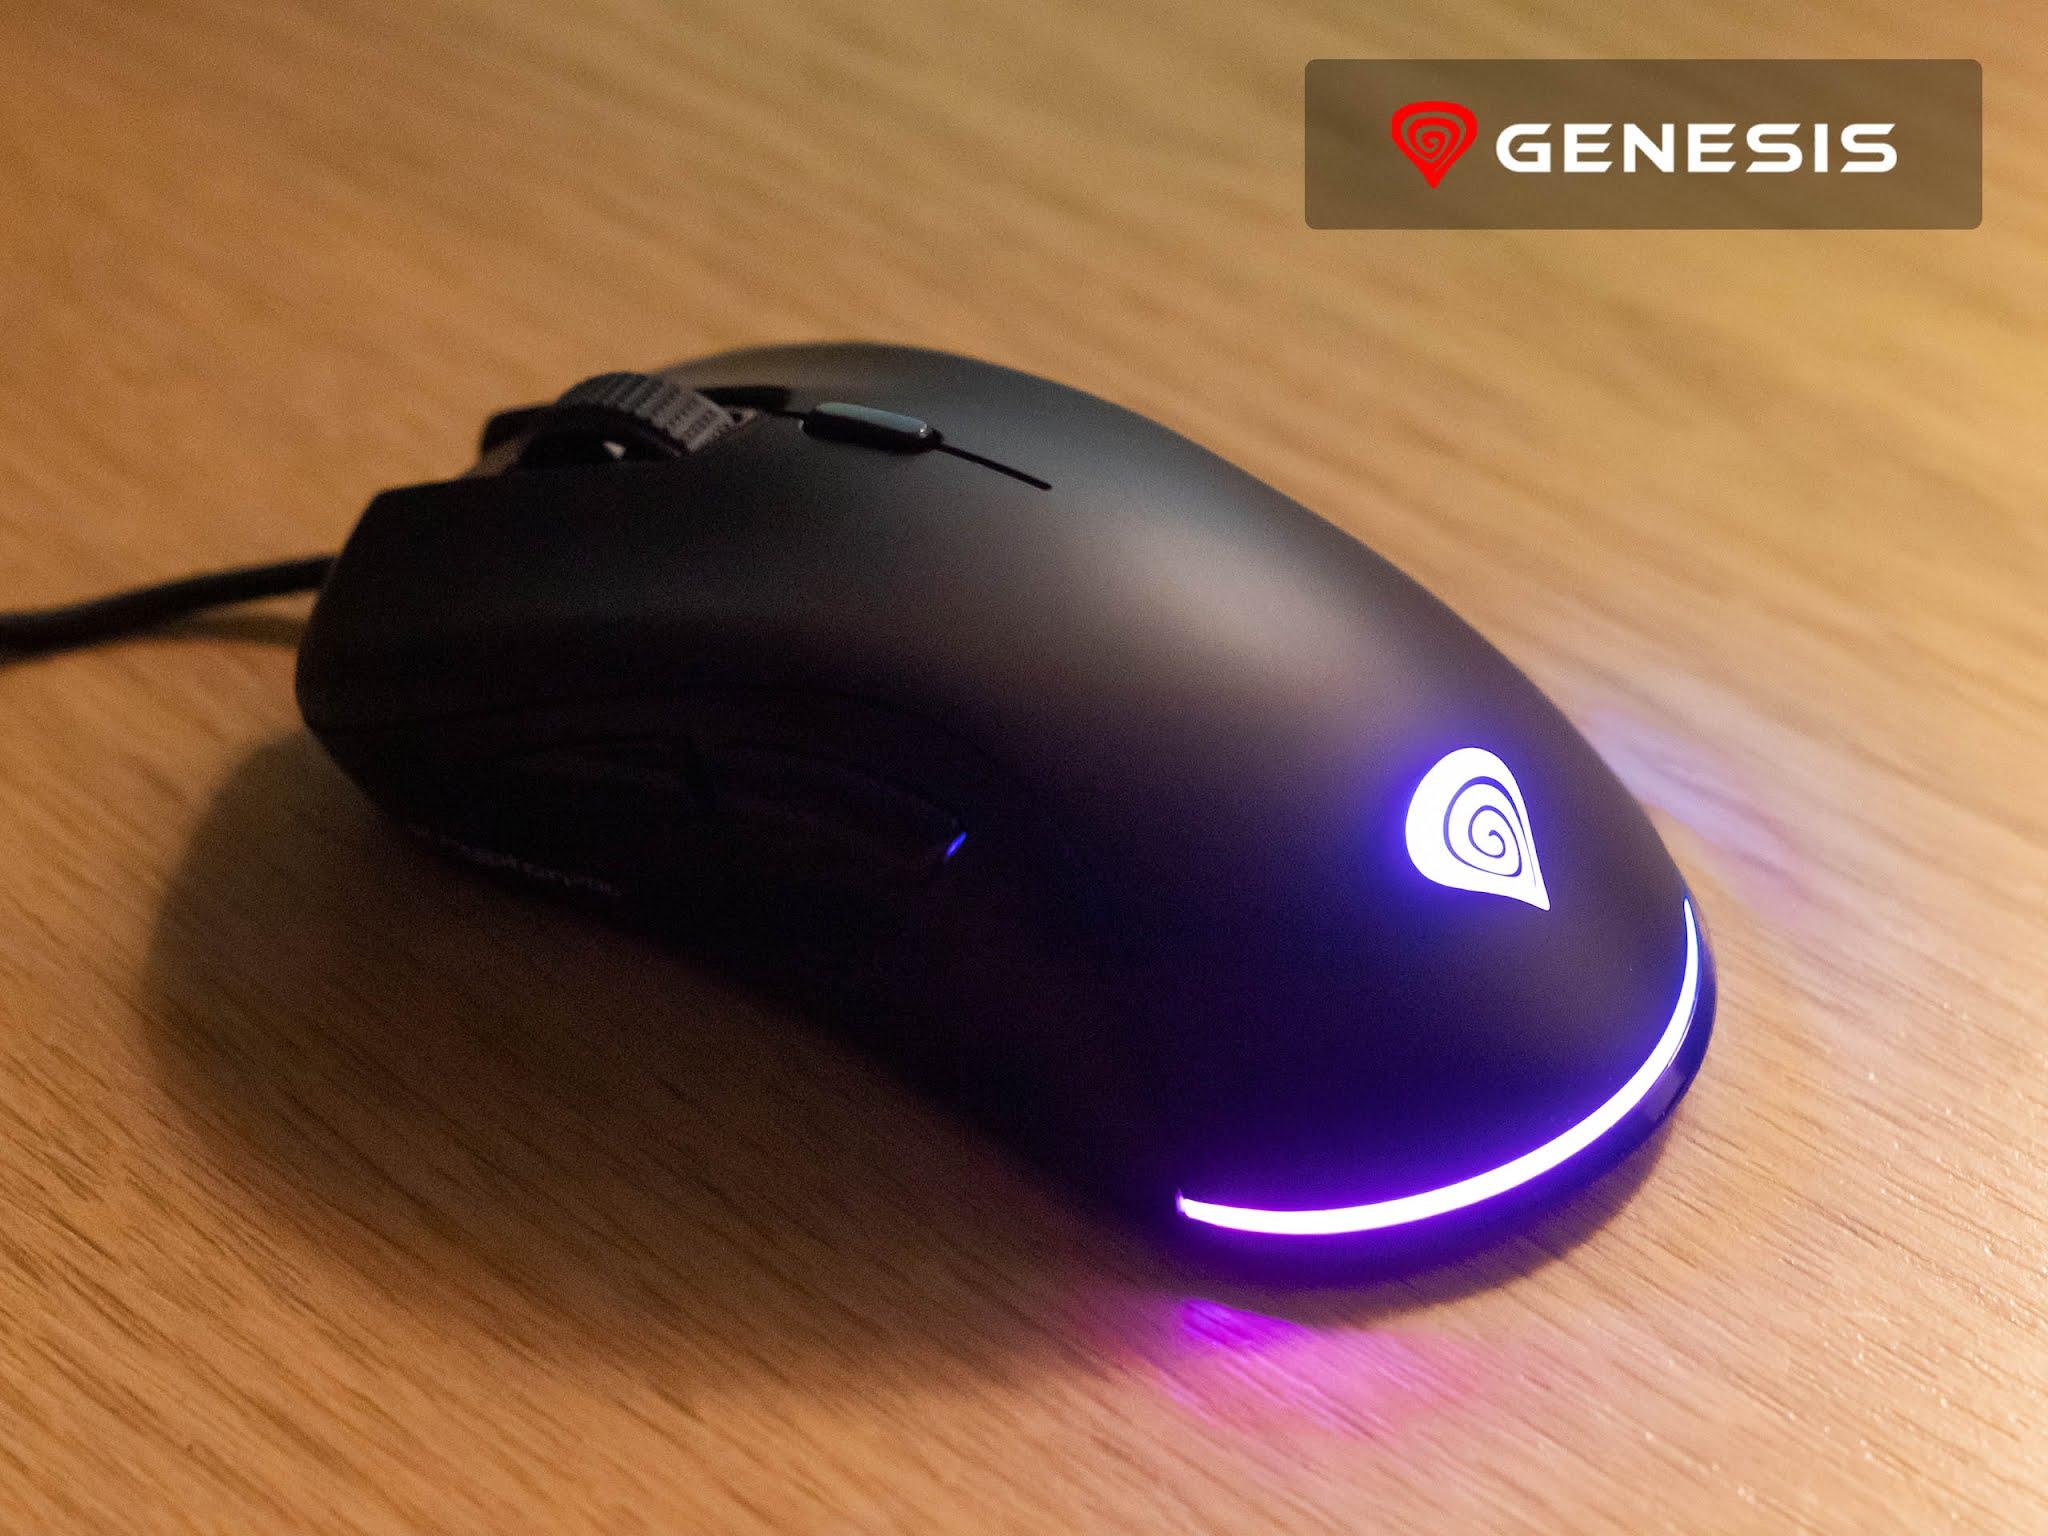 Genesis Krypton 200 LED